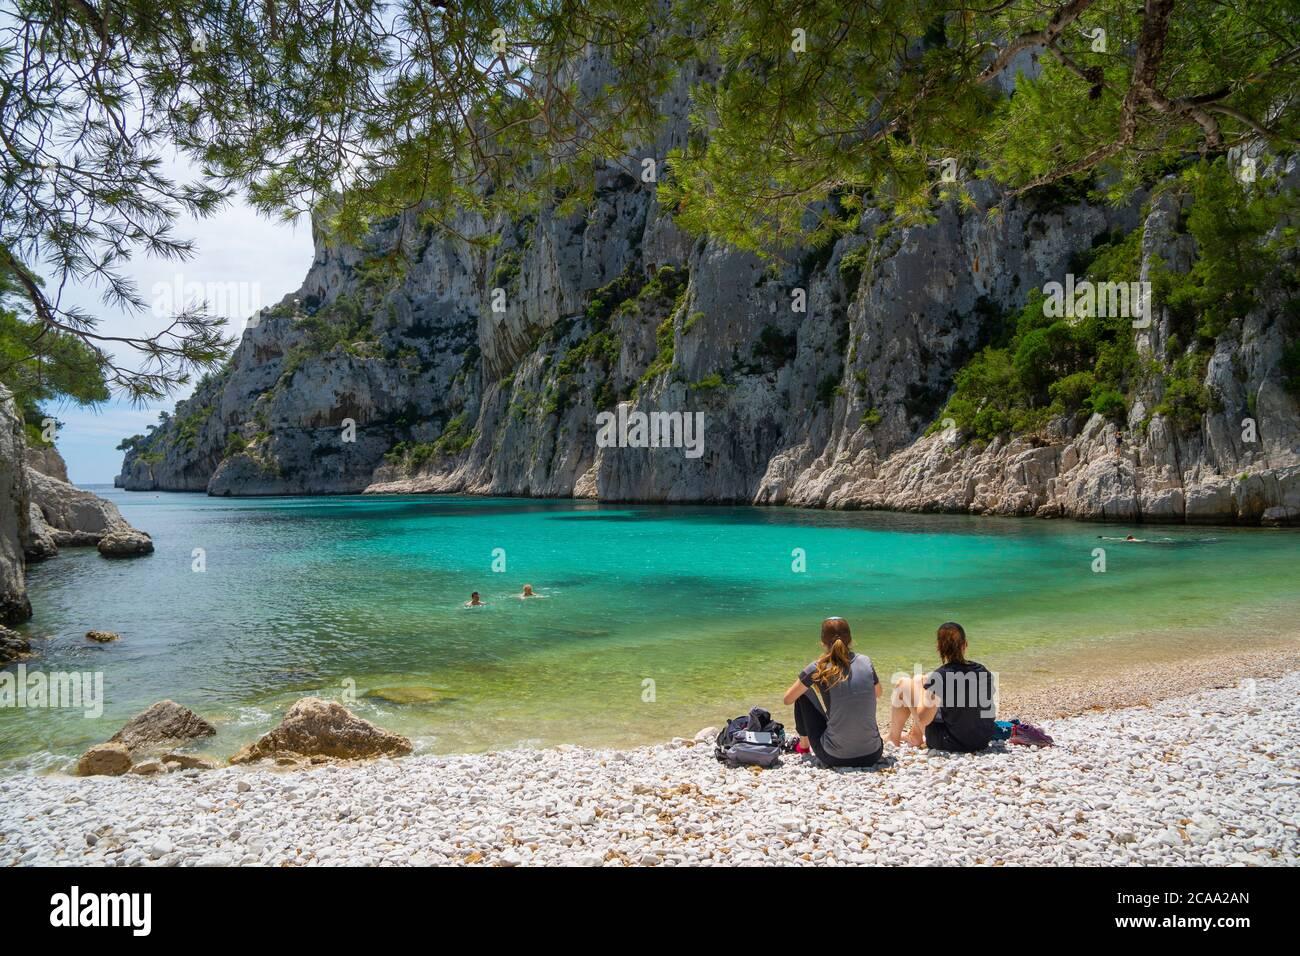 Vista sul parco nazionale di Calanques vicino al villaggio di pescatori di Cassis. En vaux calanque Foto Stock